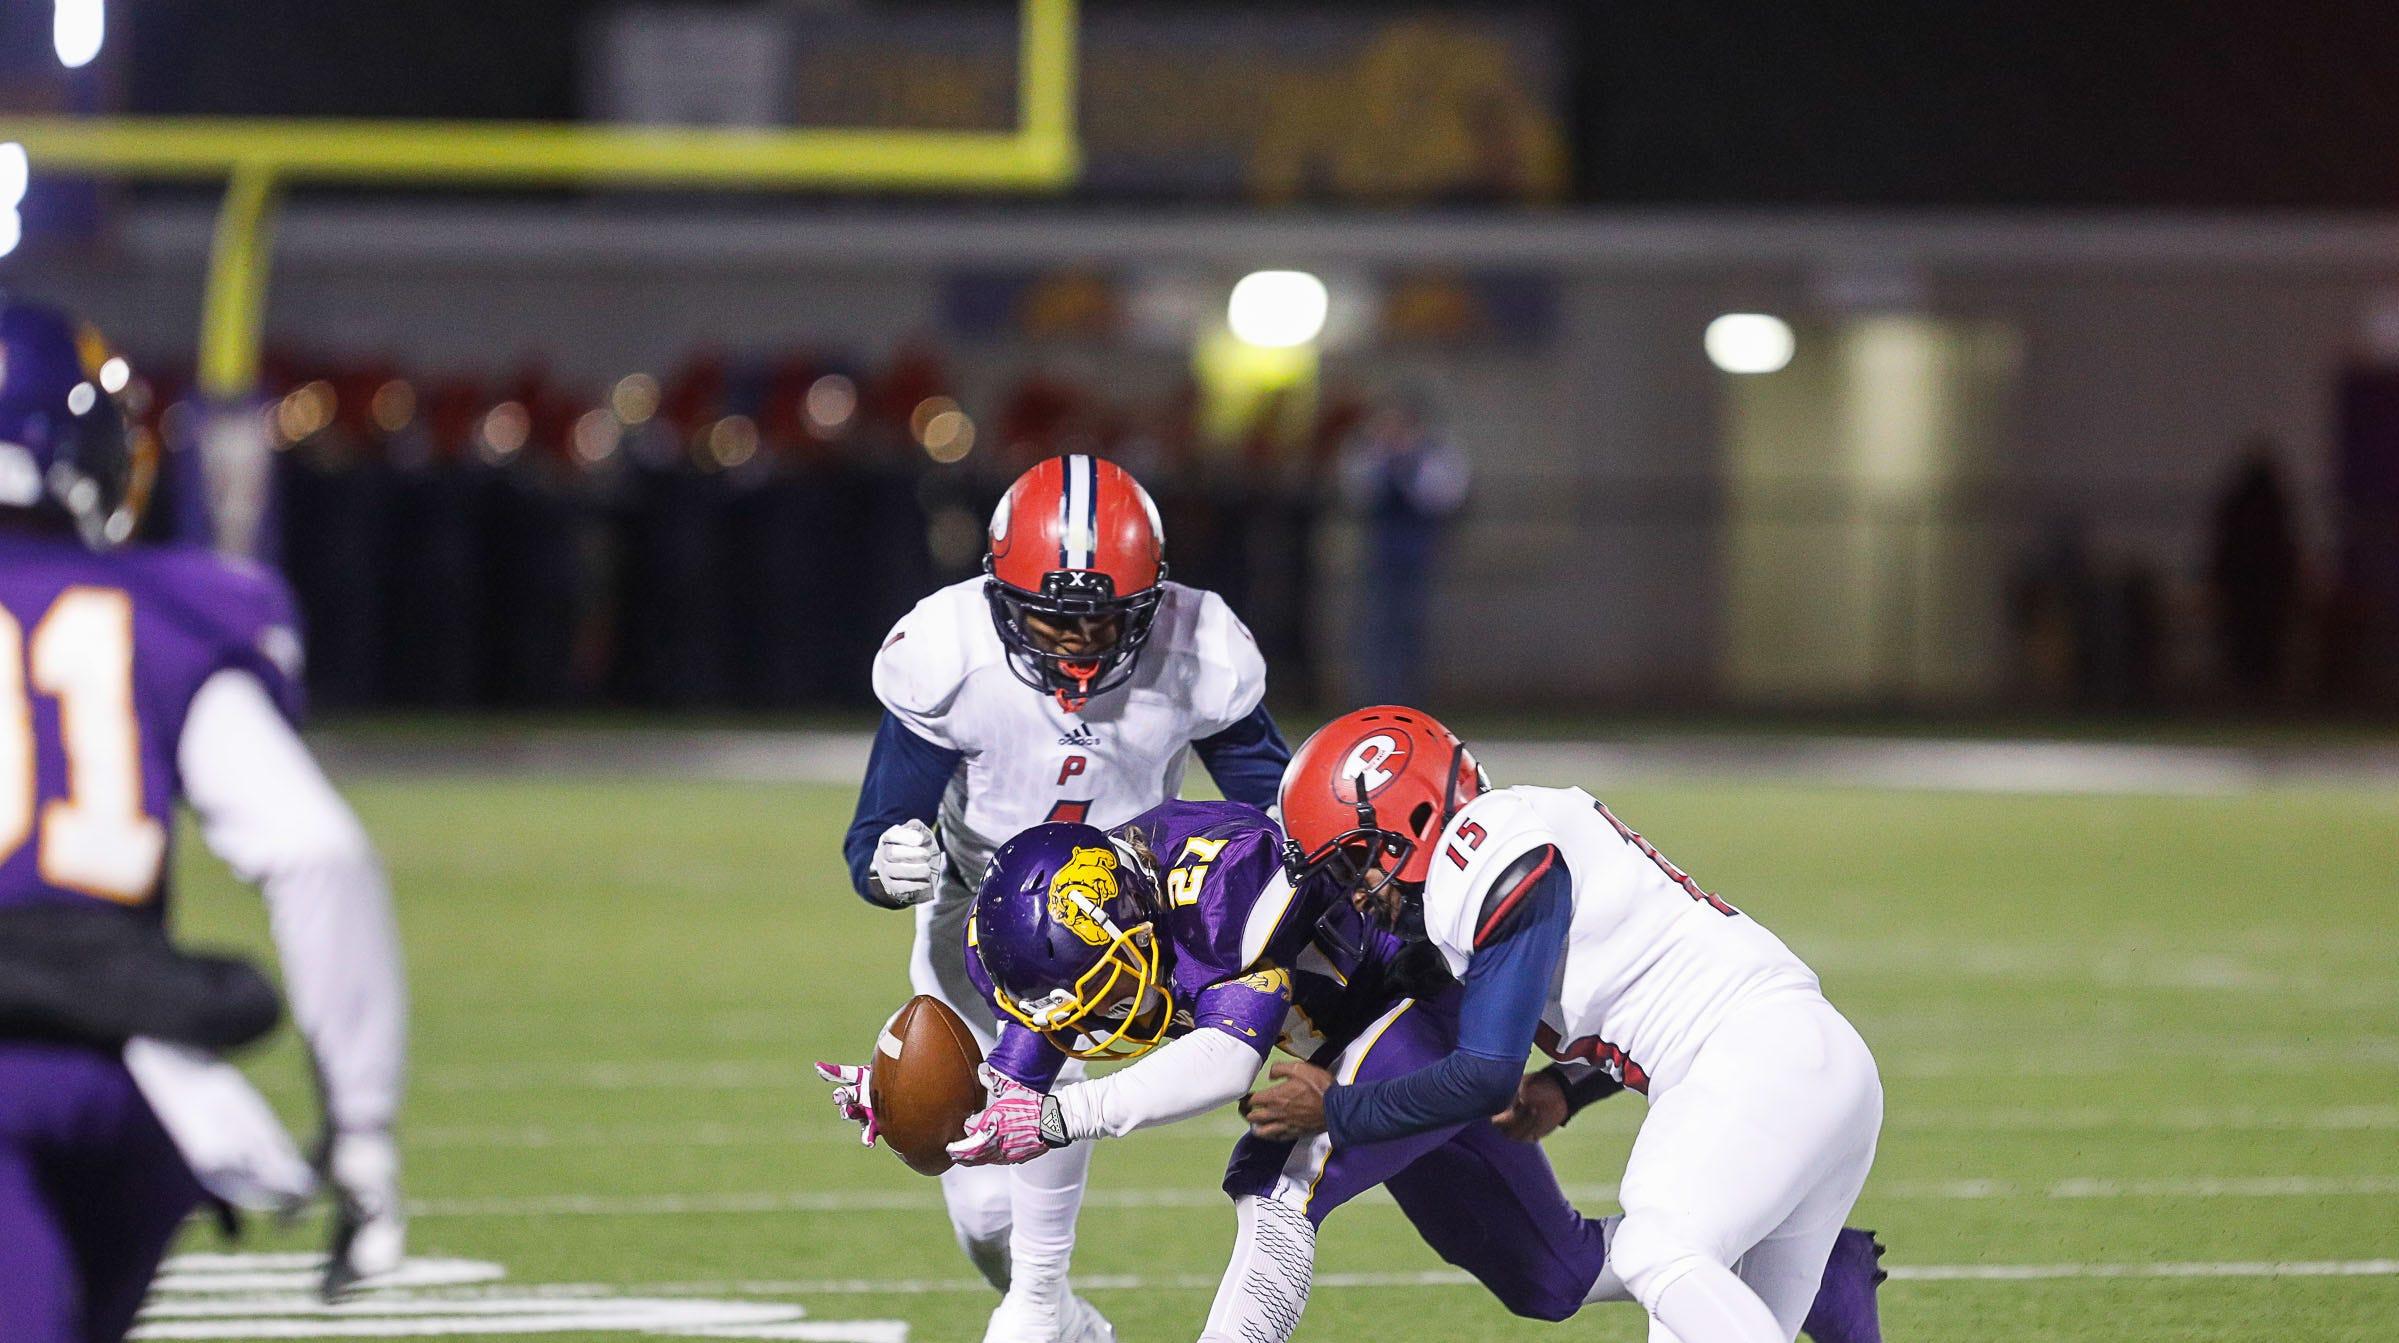 Texas High School Football Scores Nov 8 10